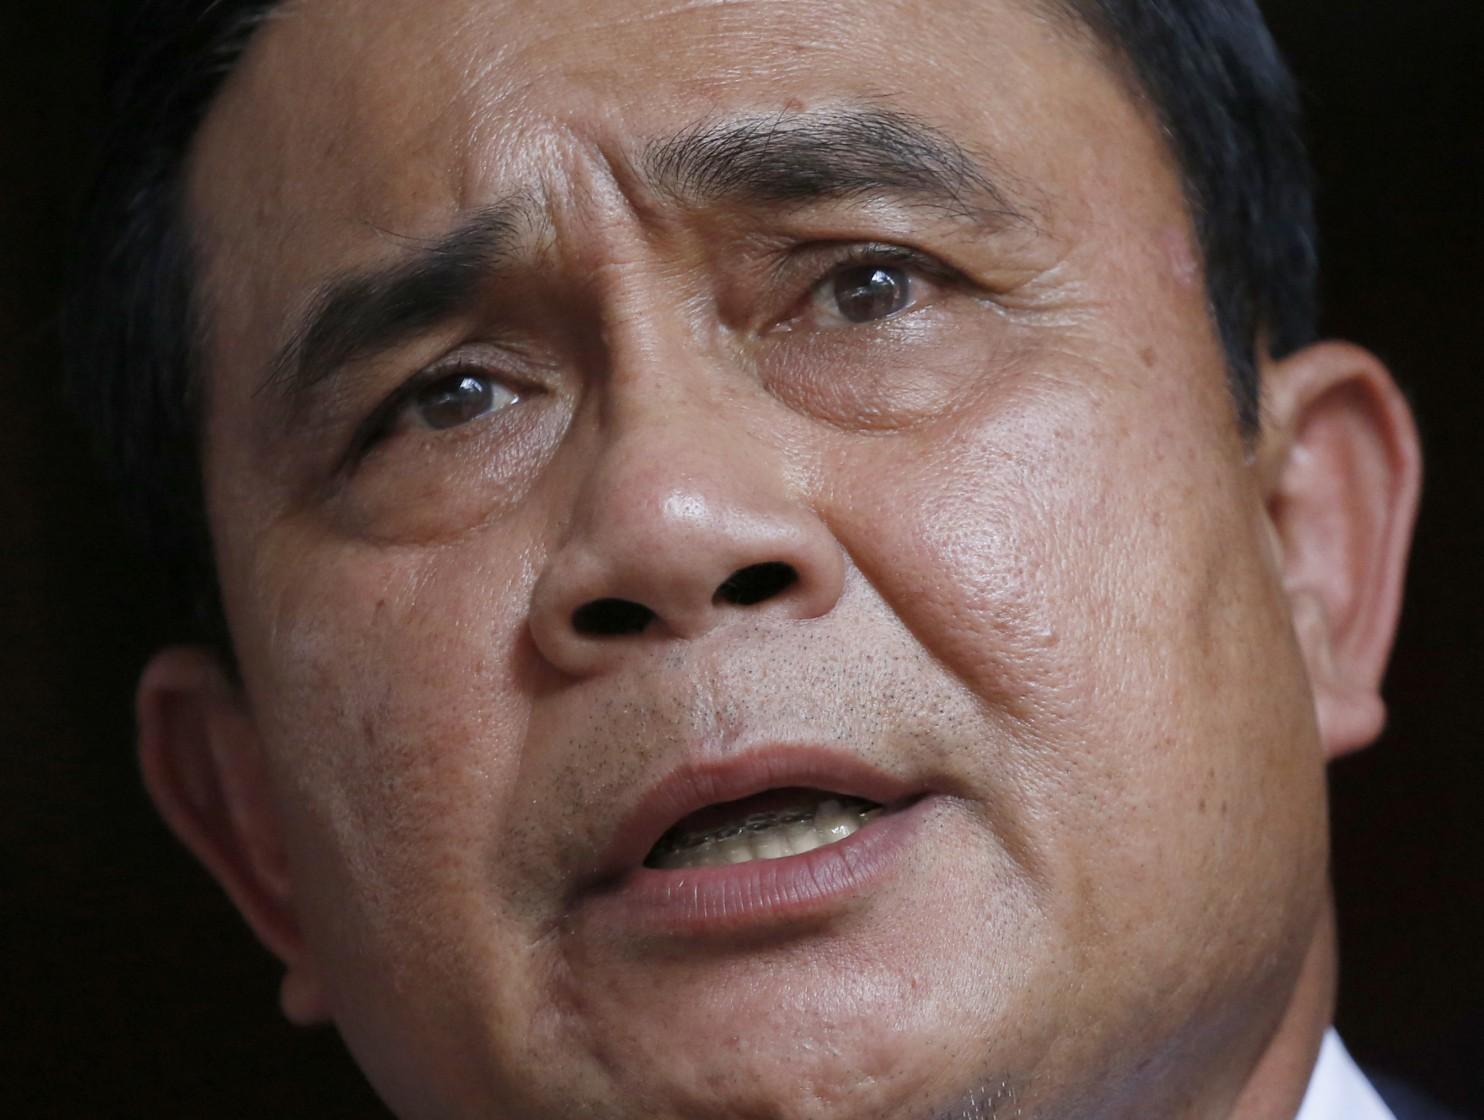 ThailandPolitics-05079.jpg